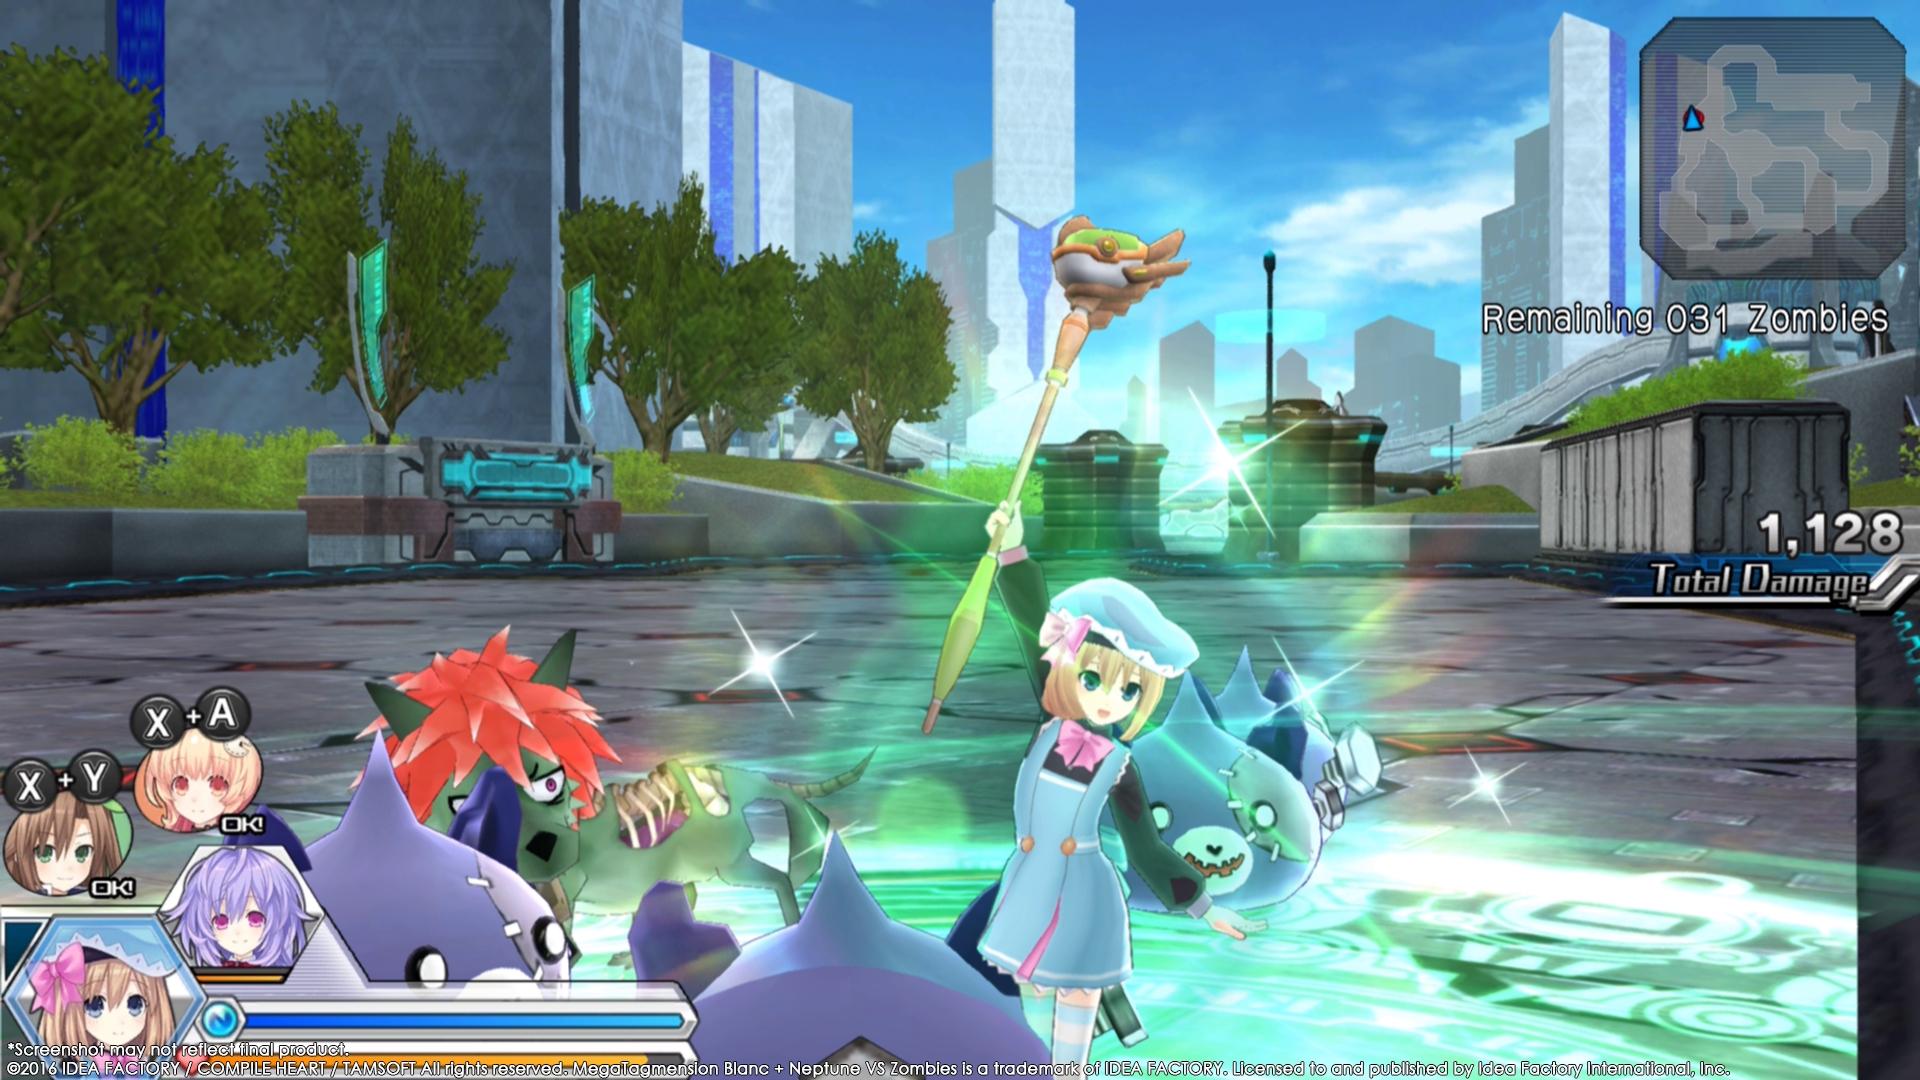 MegaTagmension Blanc + Neptune VS Zombies vychází na PC 131412